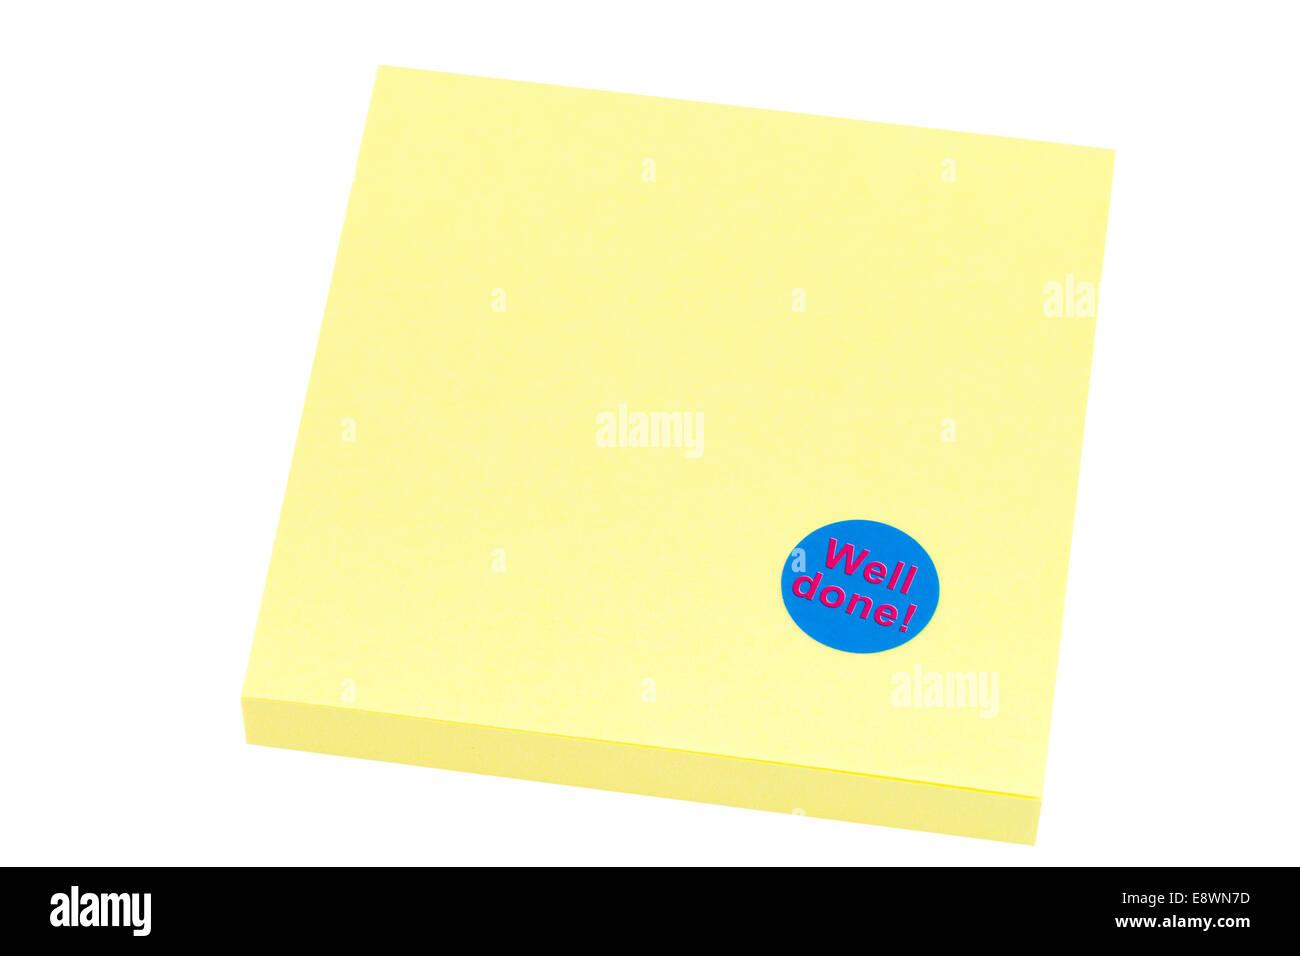 Blank bigliettino giallo su sfondo bianco Immagini Stock